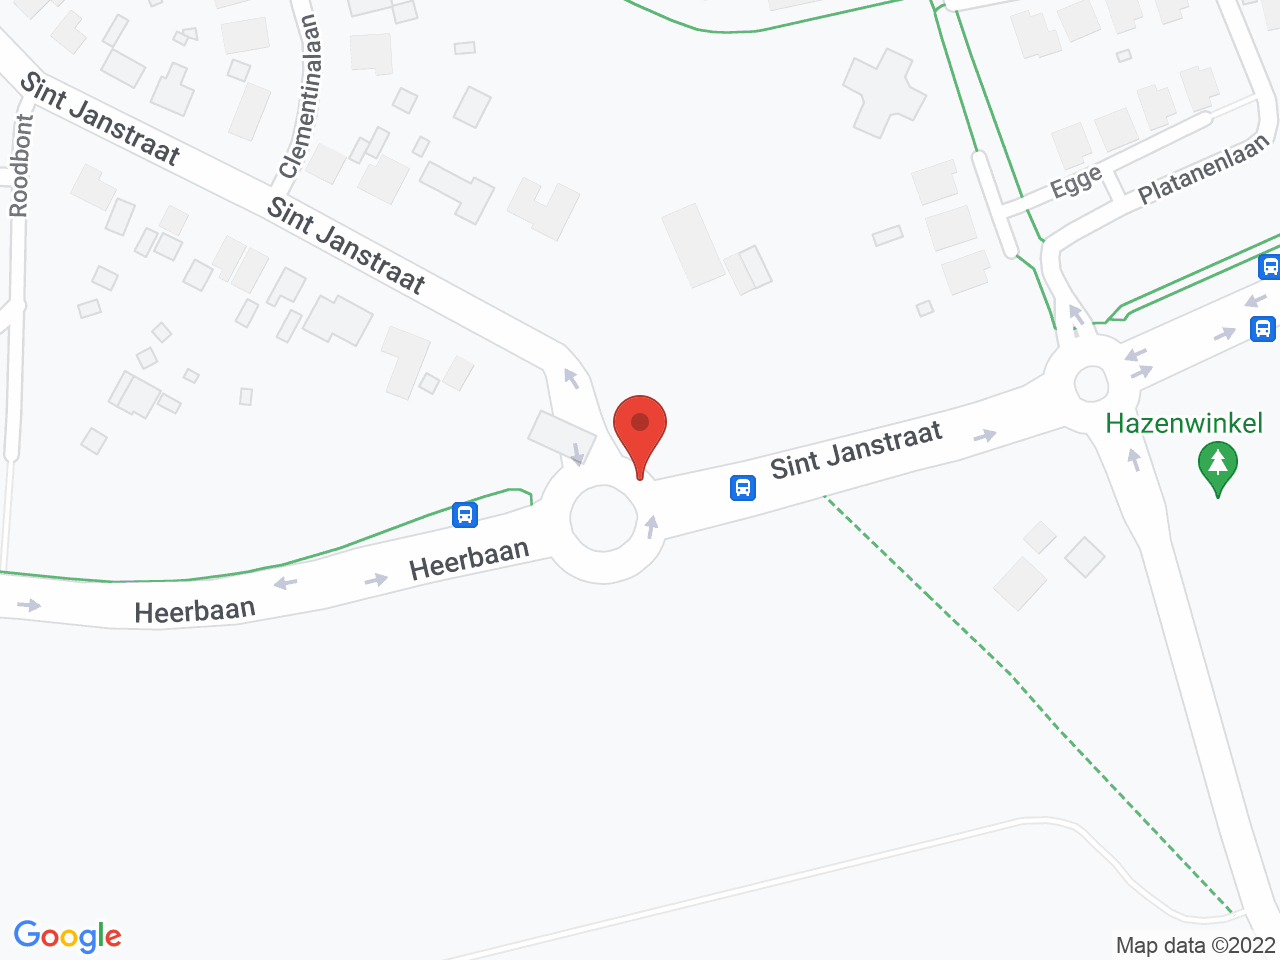 Rotonde Heerbaan - St. Jansstraat op een kaart getoond.